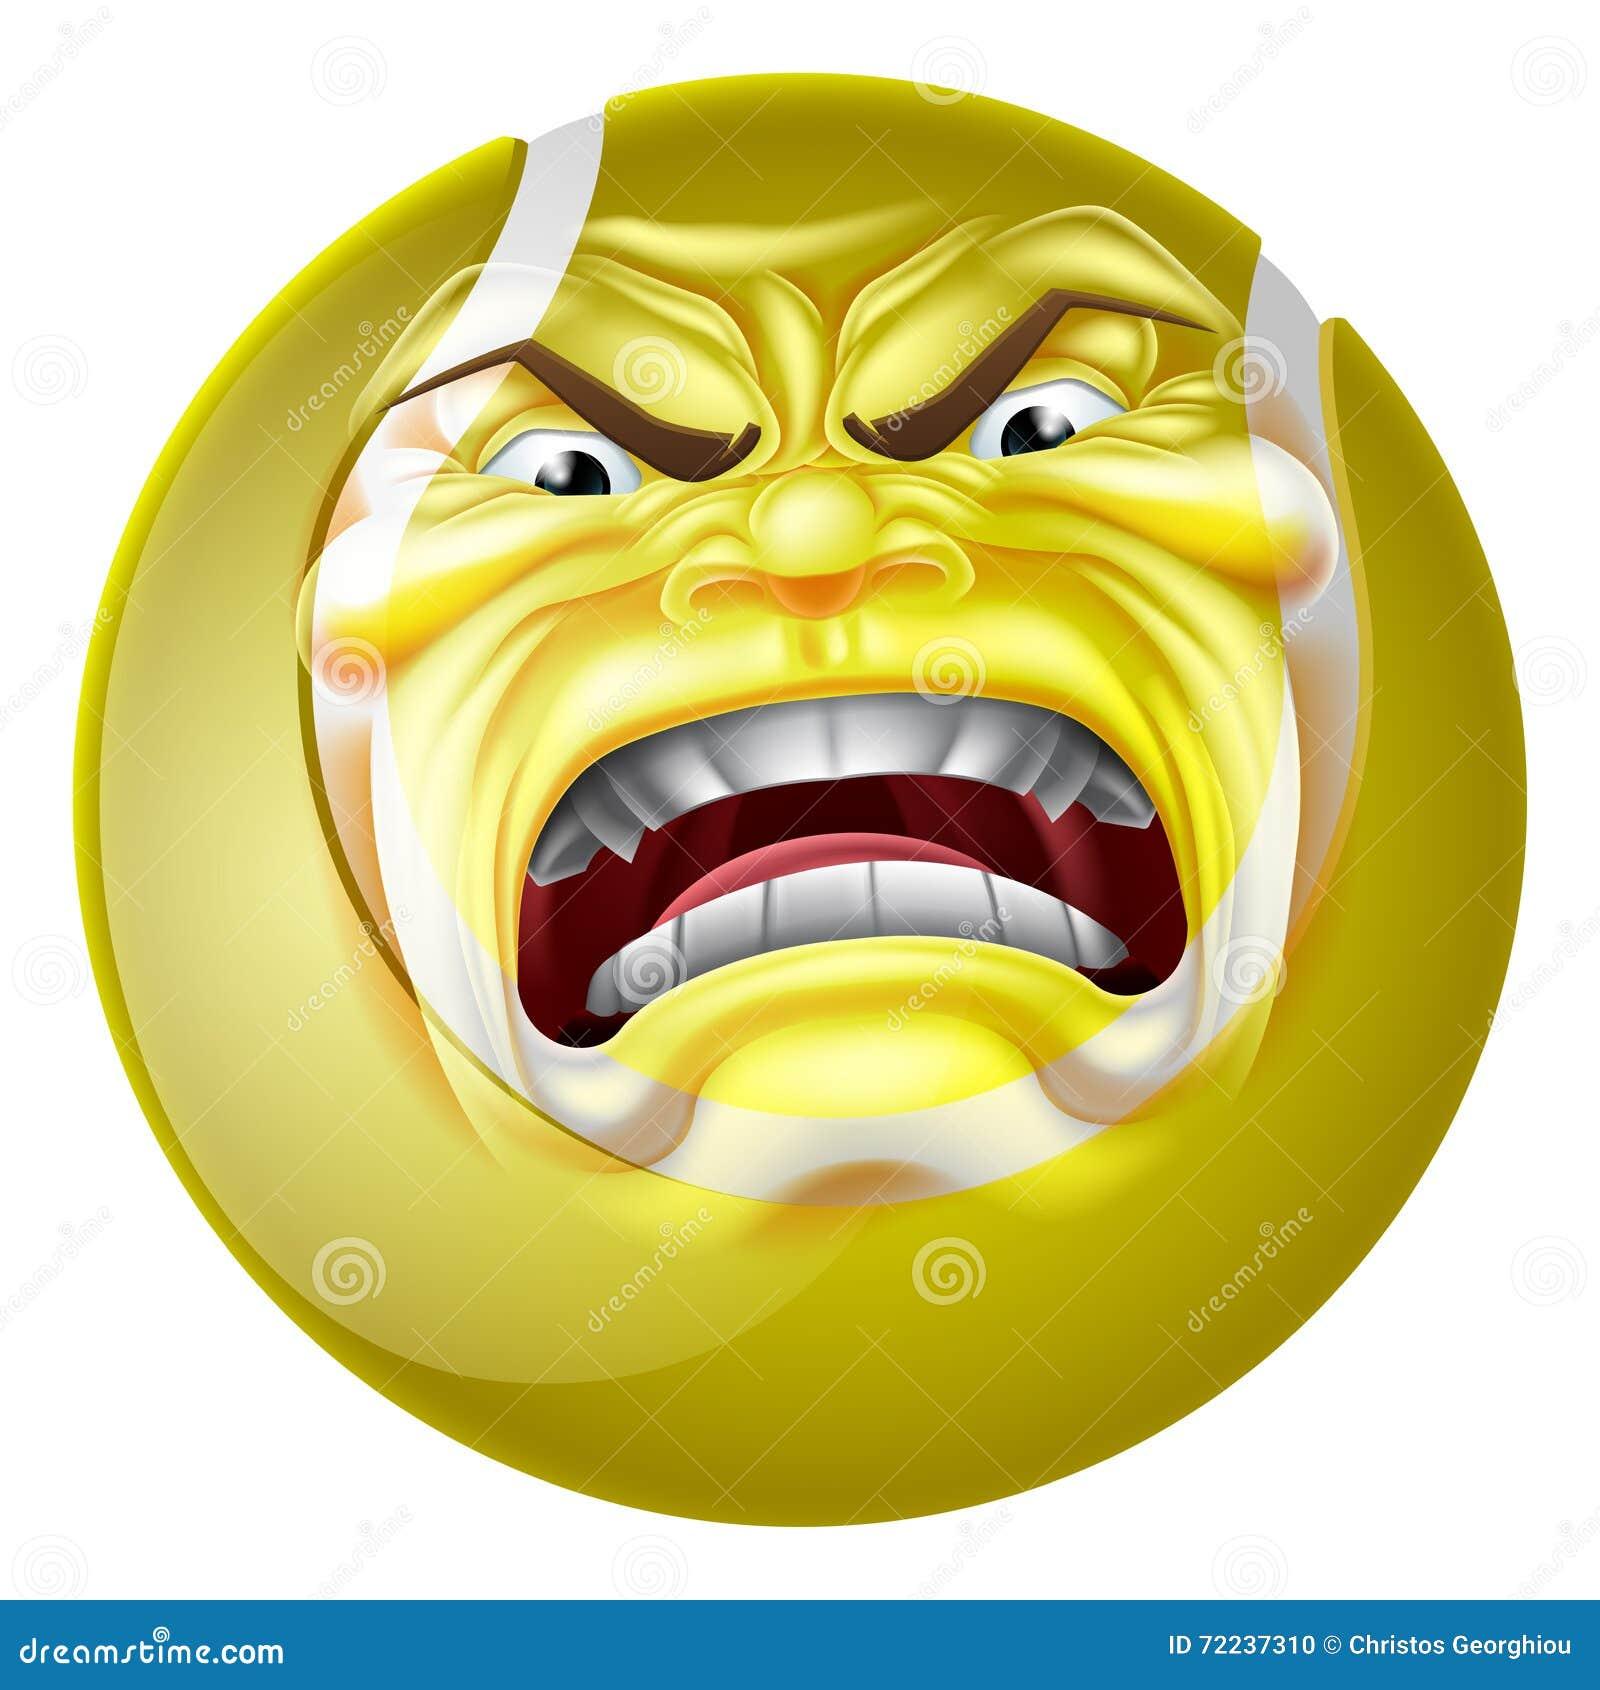 Tennis ball mascot stock photos tennis ball mascot stock photography - Angry Tennis Ball Sports Cartoon Mascot Stock Vector